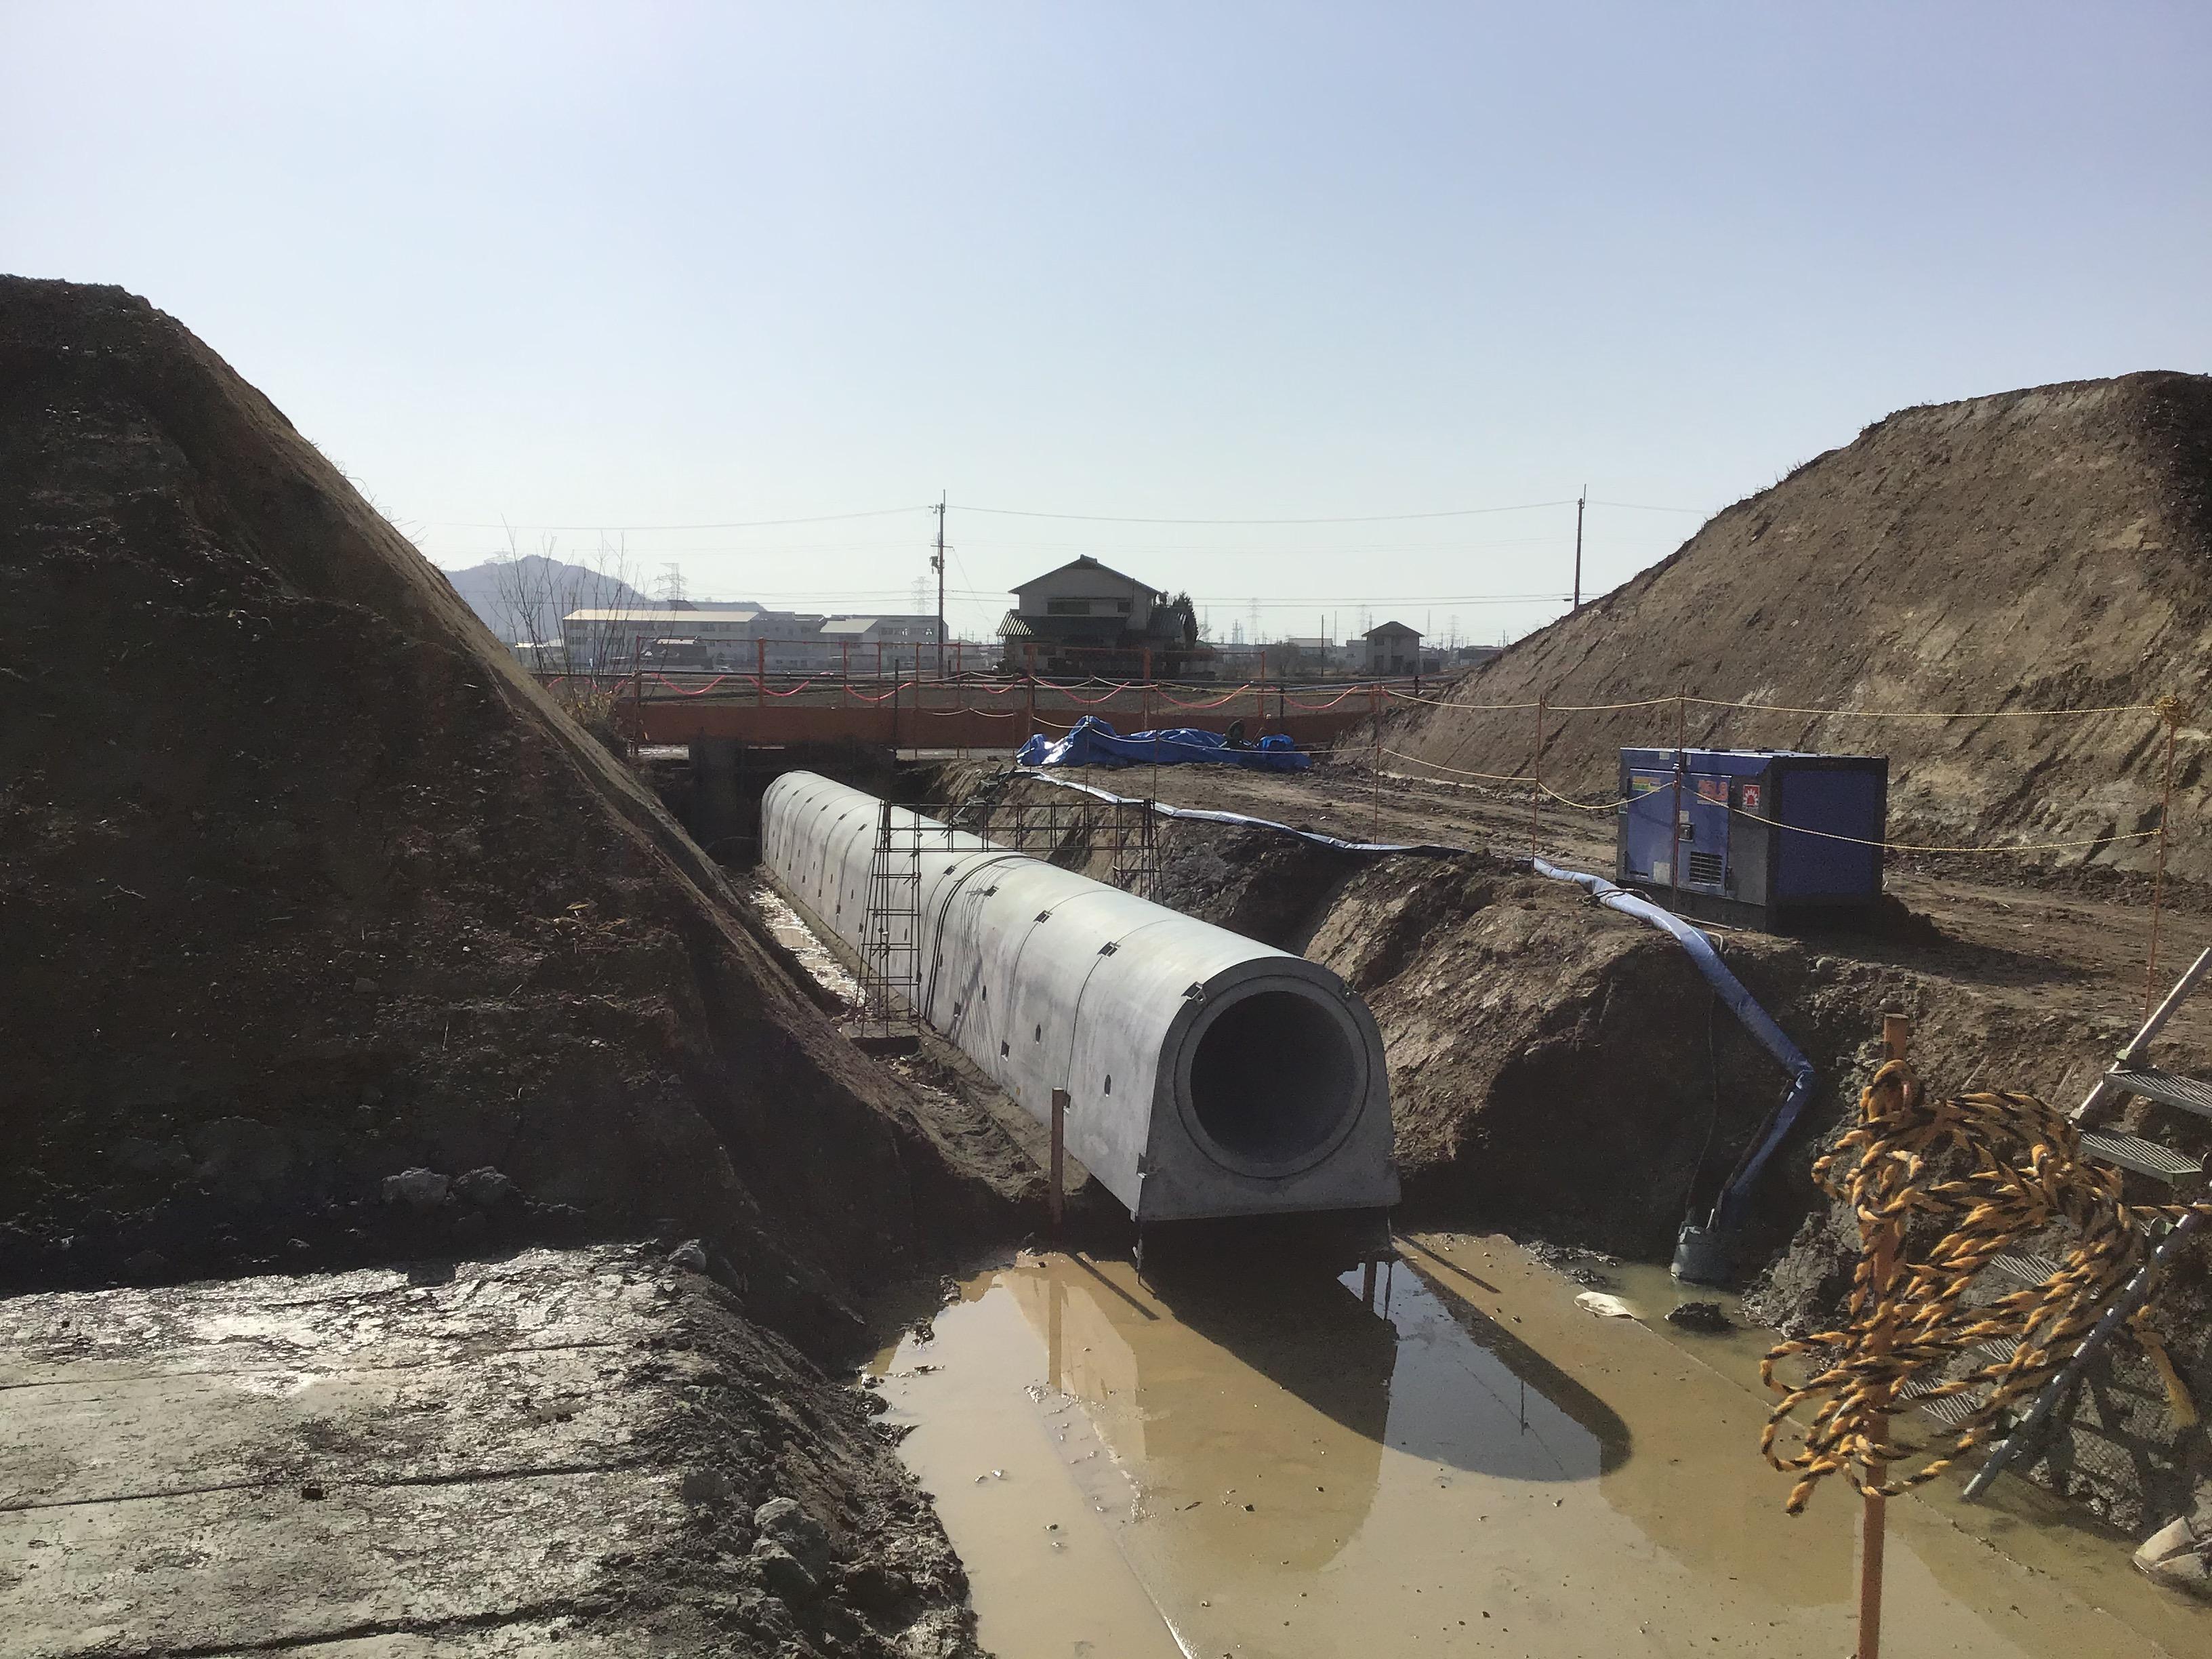 コンクリートの管は、底樋管といって池底の水を抜く管です。内径が80センチ。人が這って入れます。